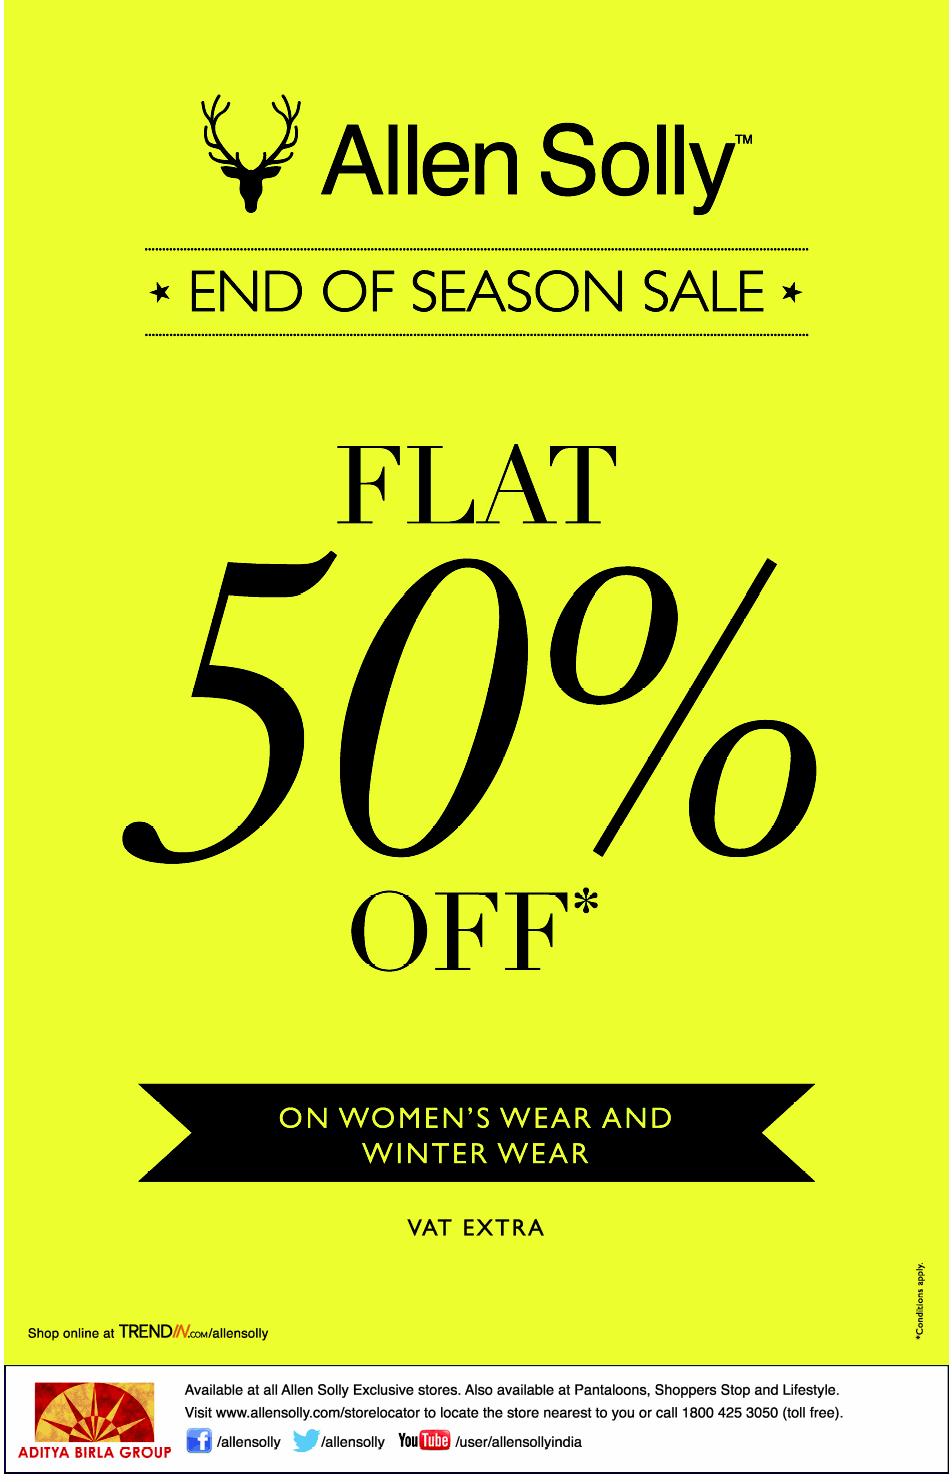 Allen Solly - Flat 50% Off